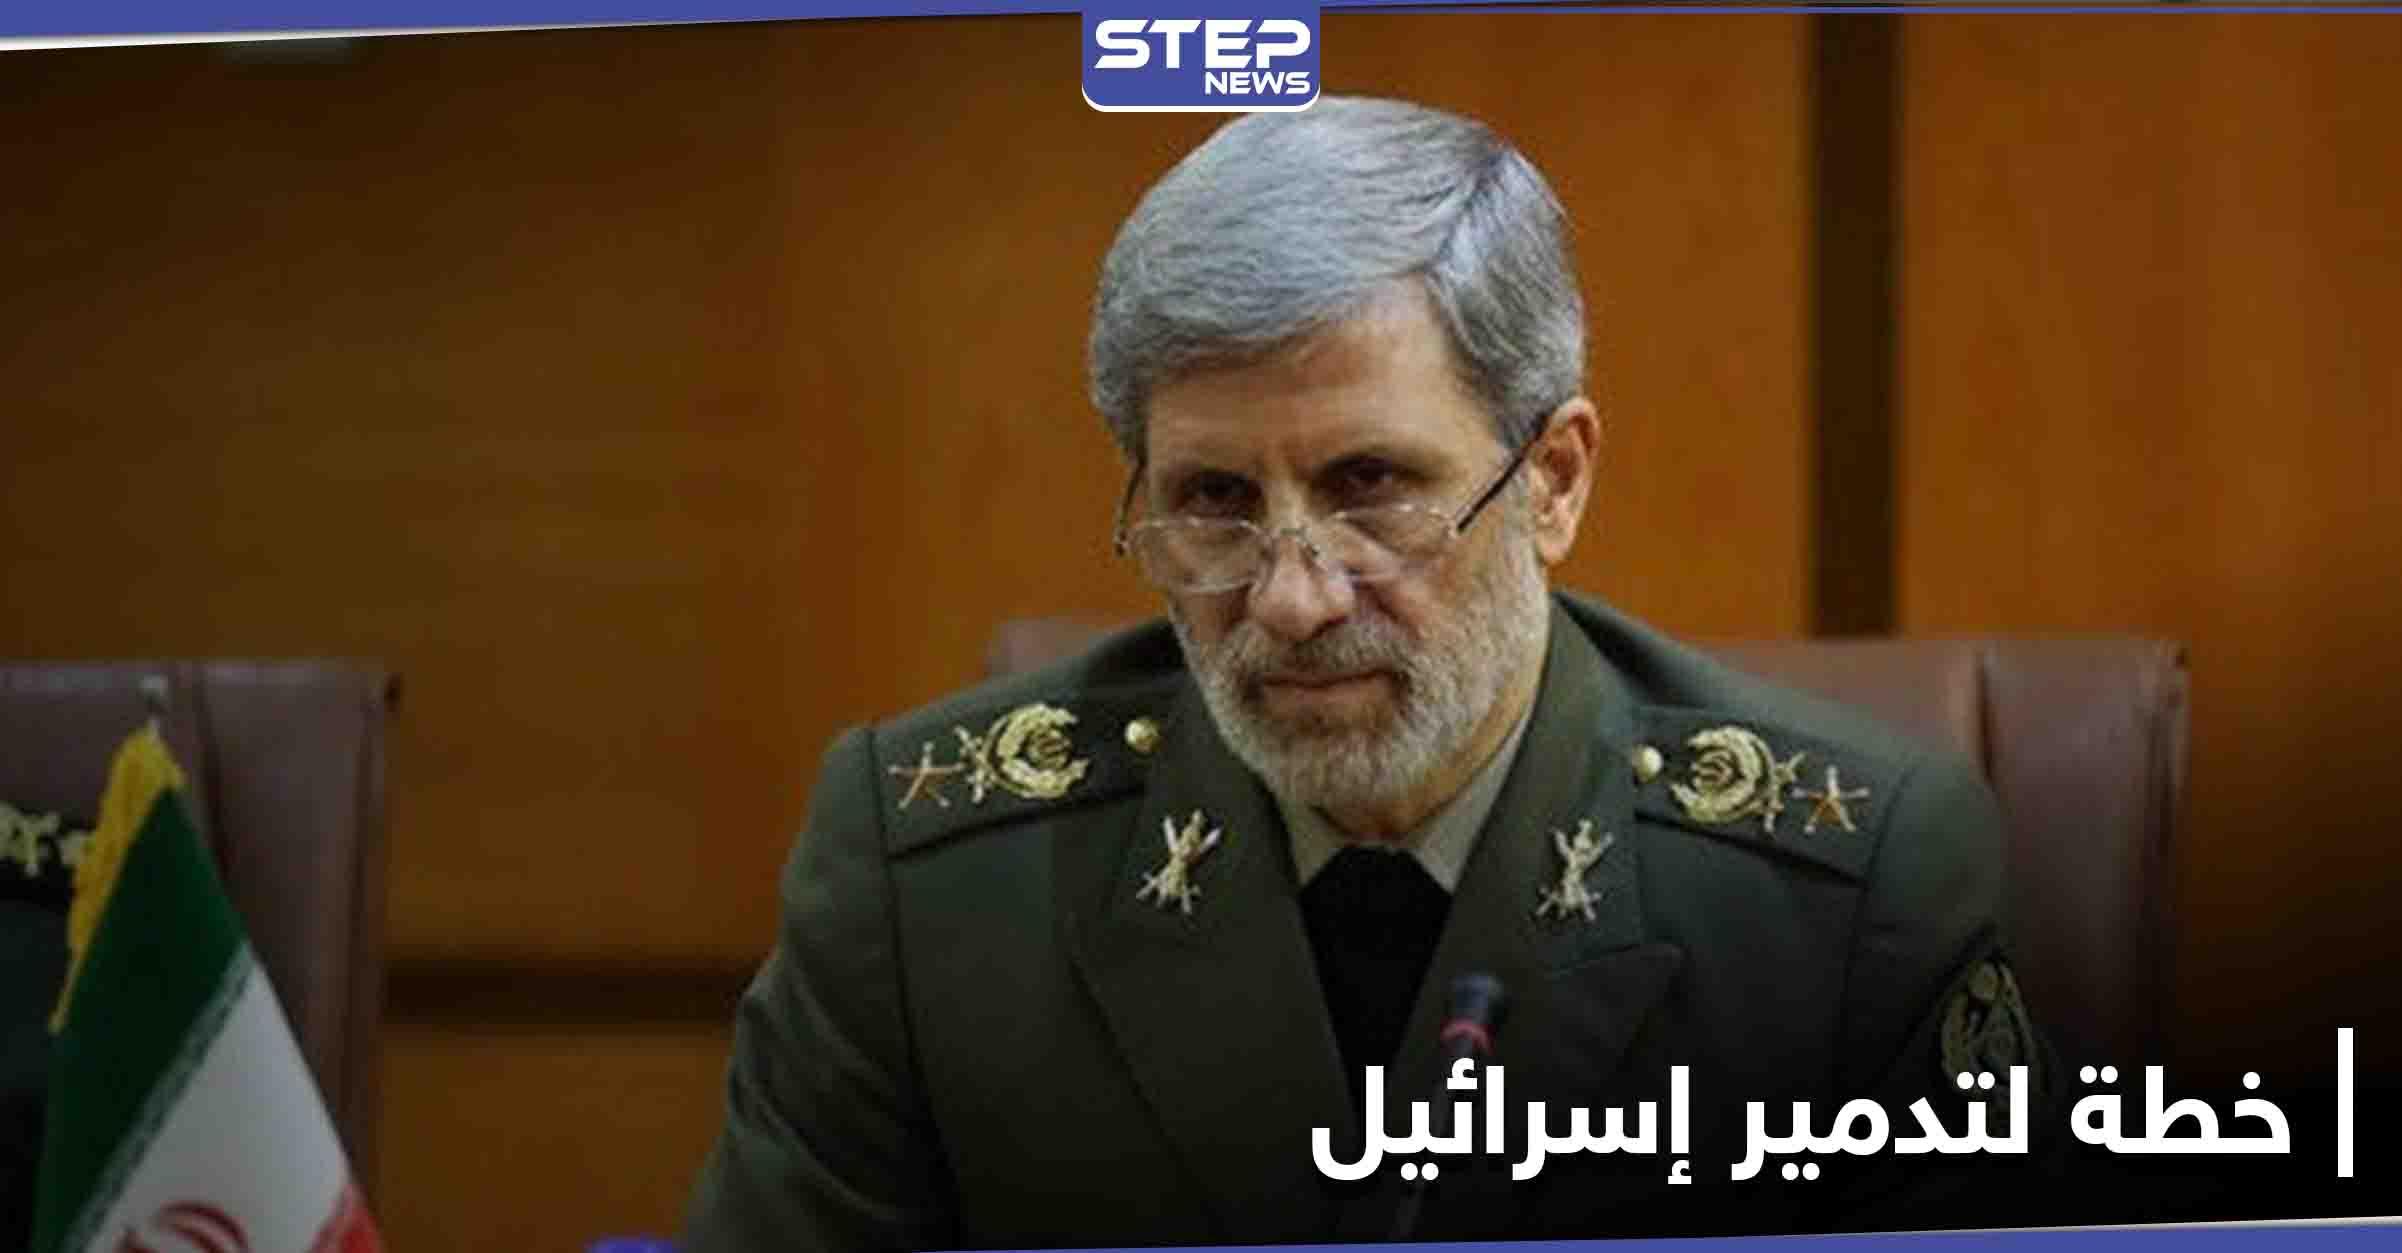 بانتظار إشارة خامنئي.. إيران تتوعد بتدمير حيفا وتل أبيب